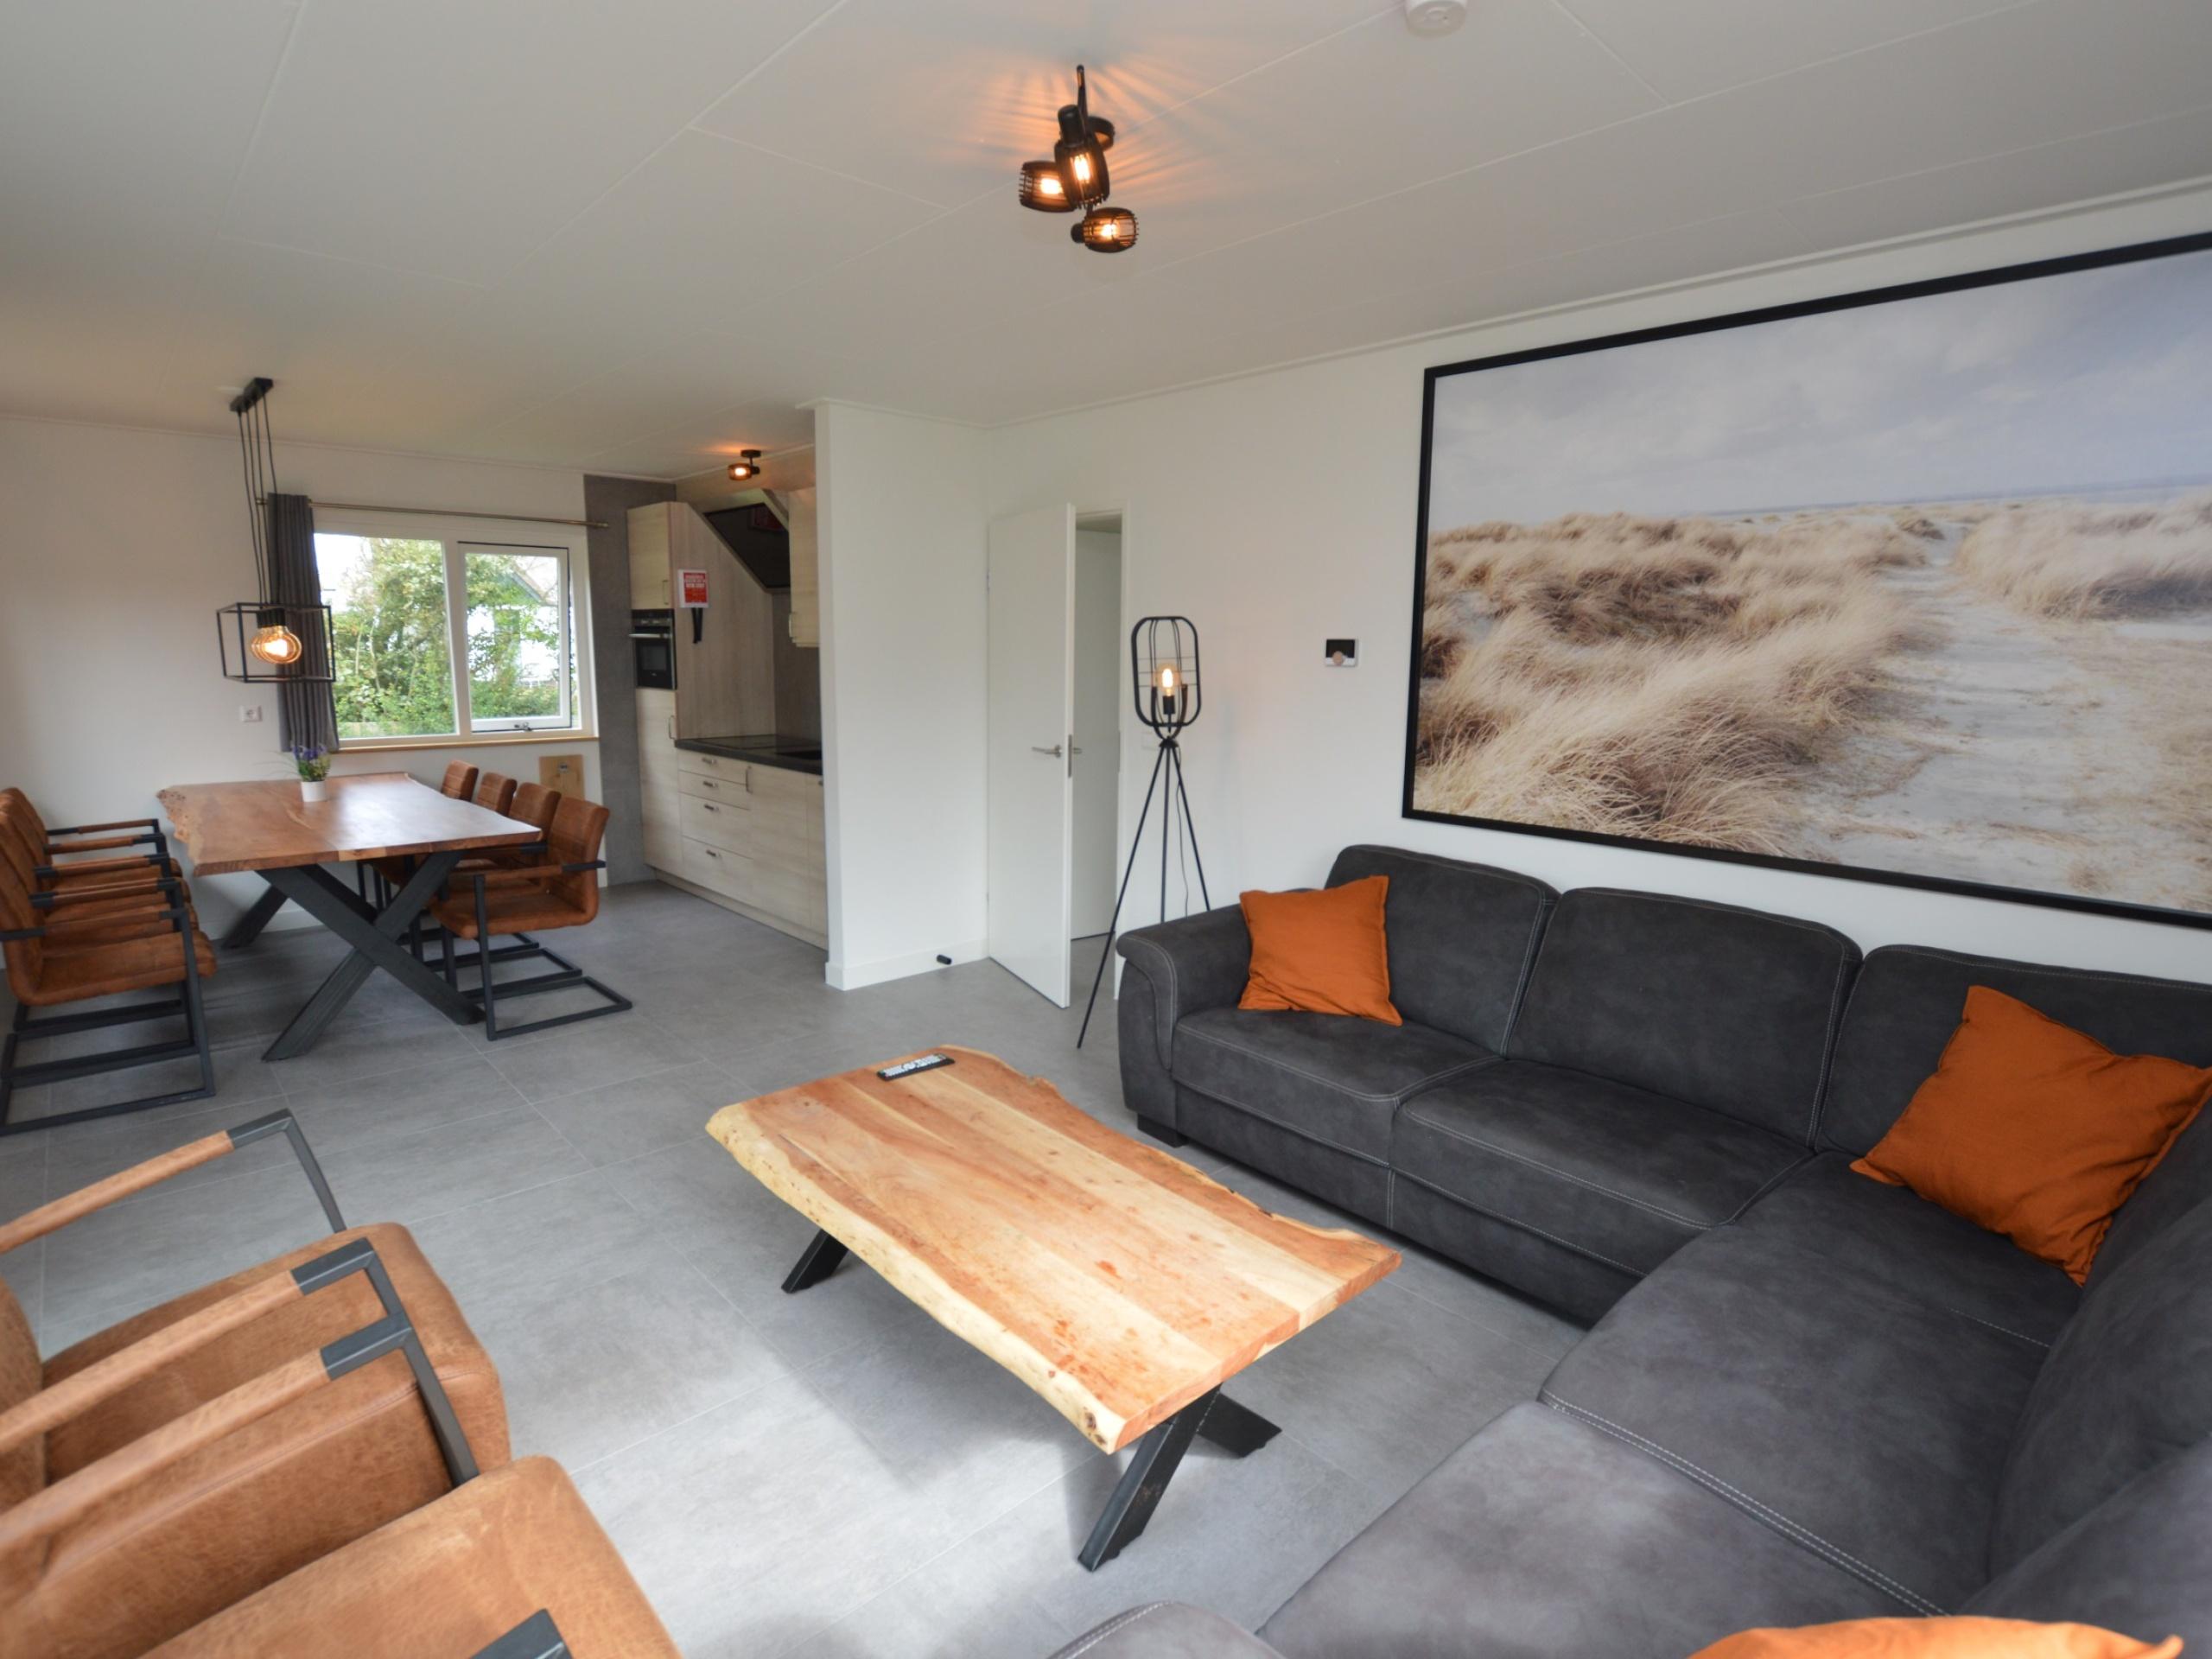 Ruim, onlangs gerenoveerd, familiehuis in De Koog, op loopafstand van het centrum, strand en de duinen.